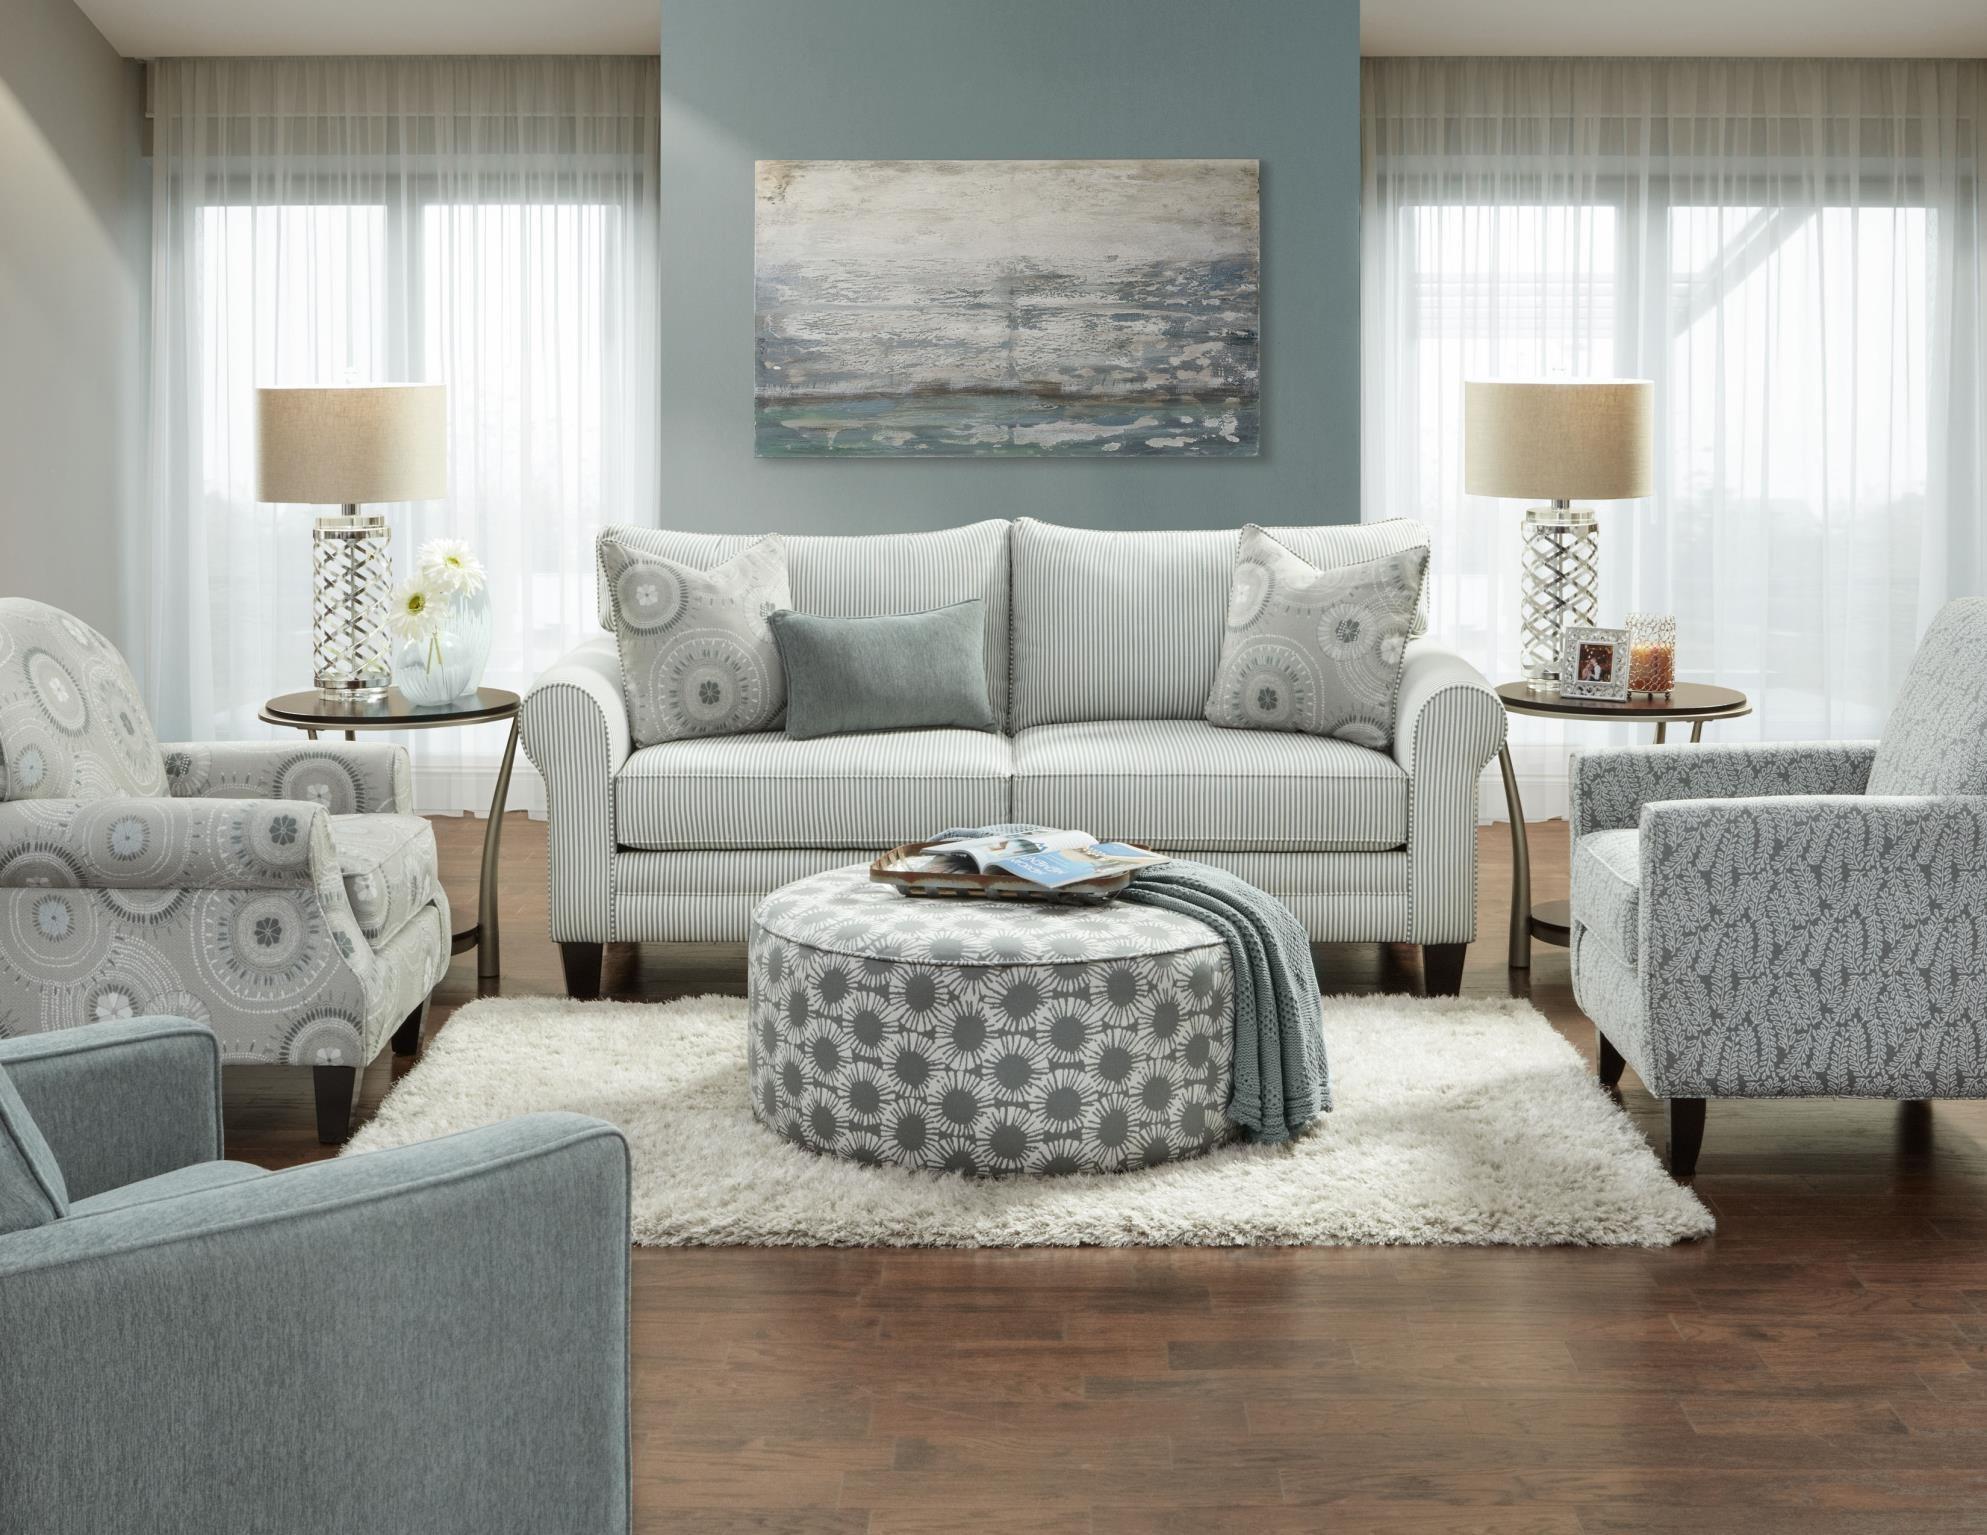 Fusion Furniture 1180 Upholstered Loveseat - Item Number: 1181lvst